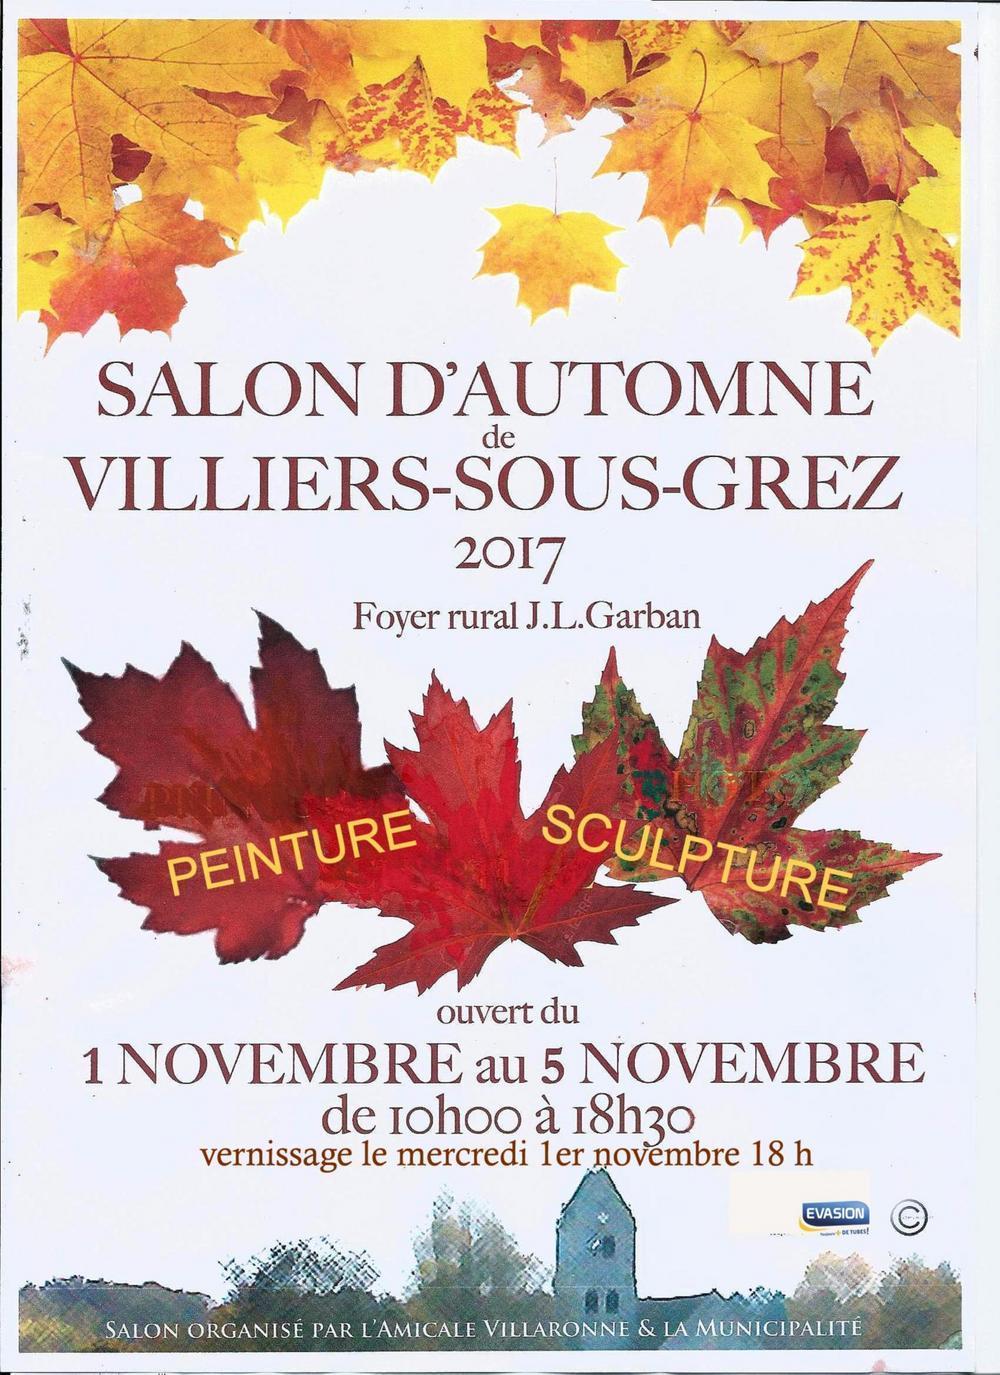 exposition salon d 39 automne villiers sous grez mercredi